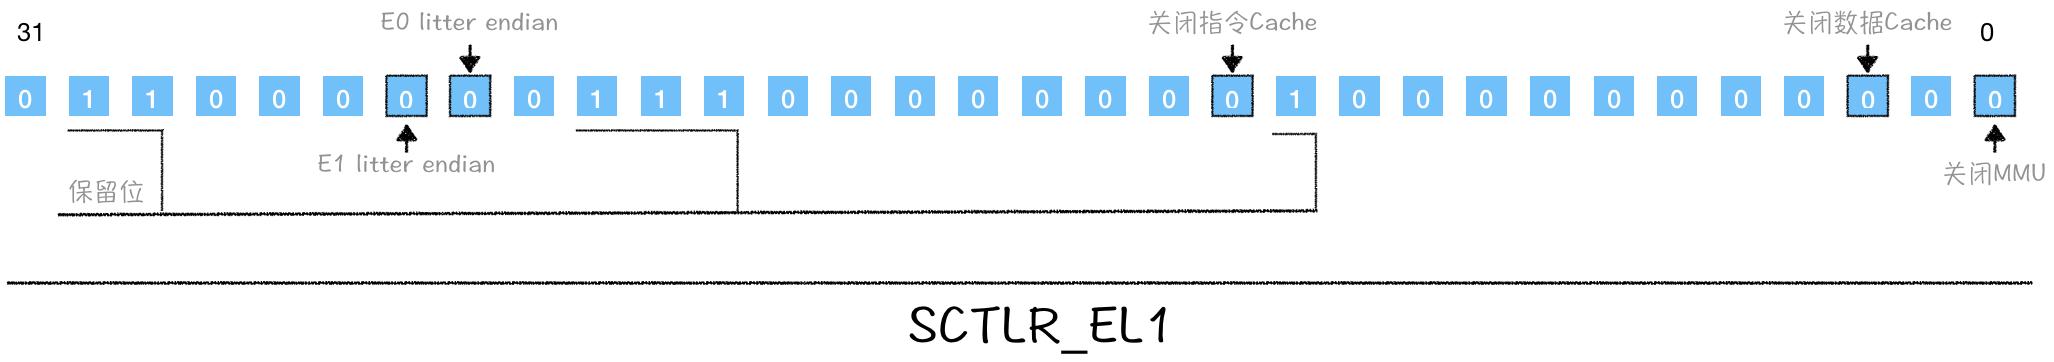 上述代码执行之后的布局